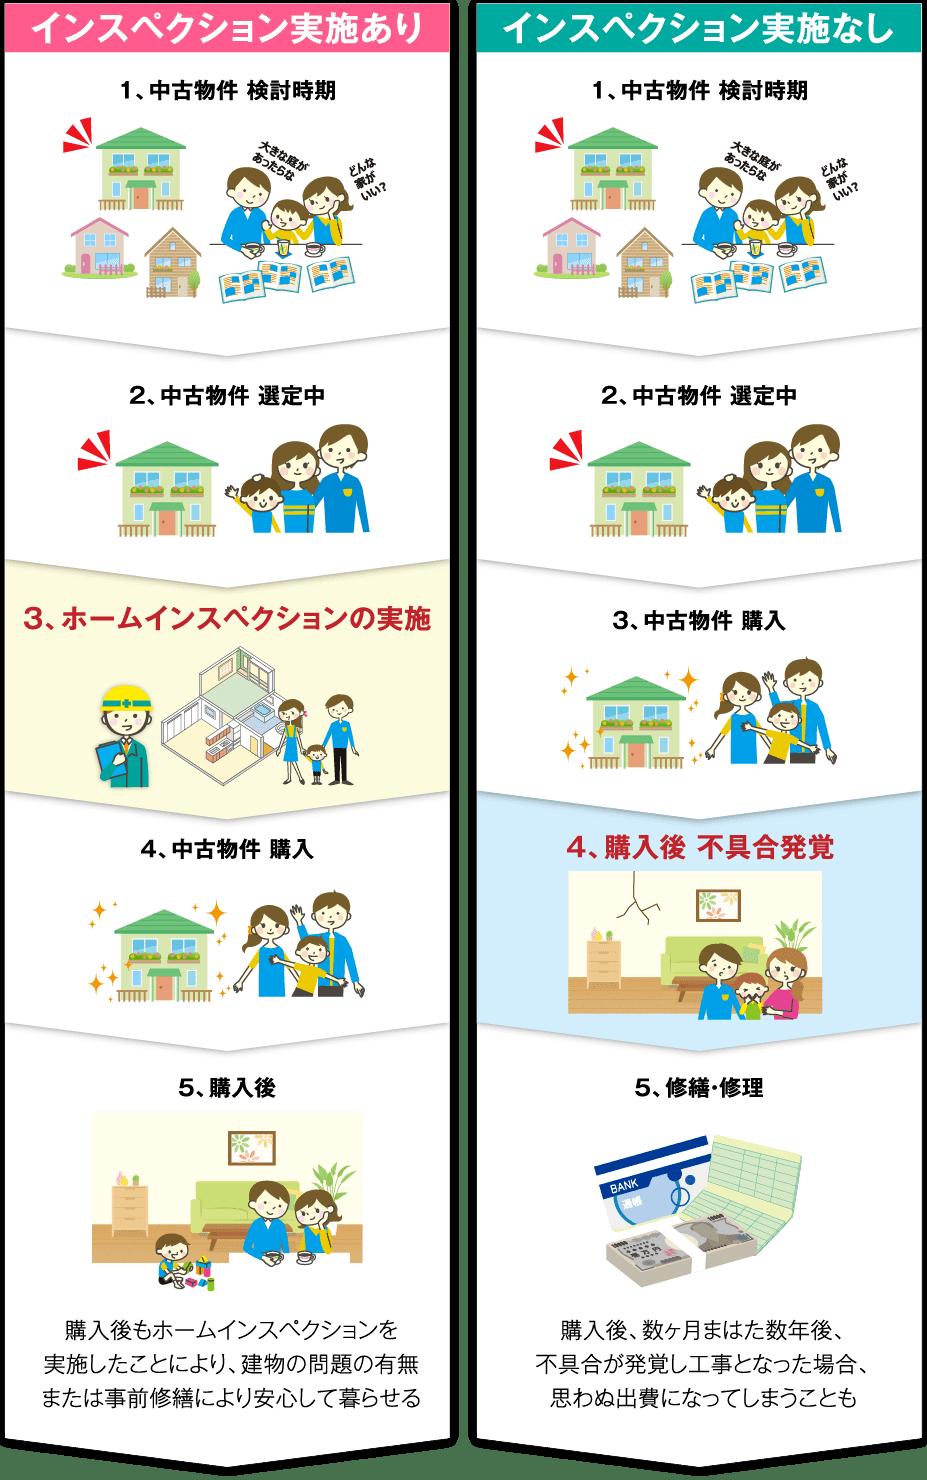 ホームインスペクション実施と不実施の比較の図